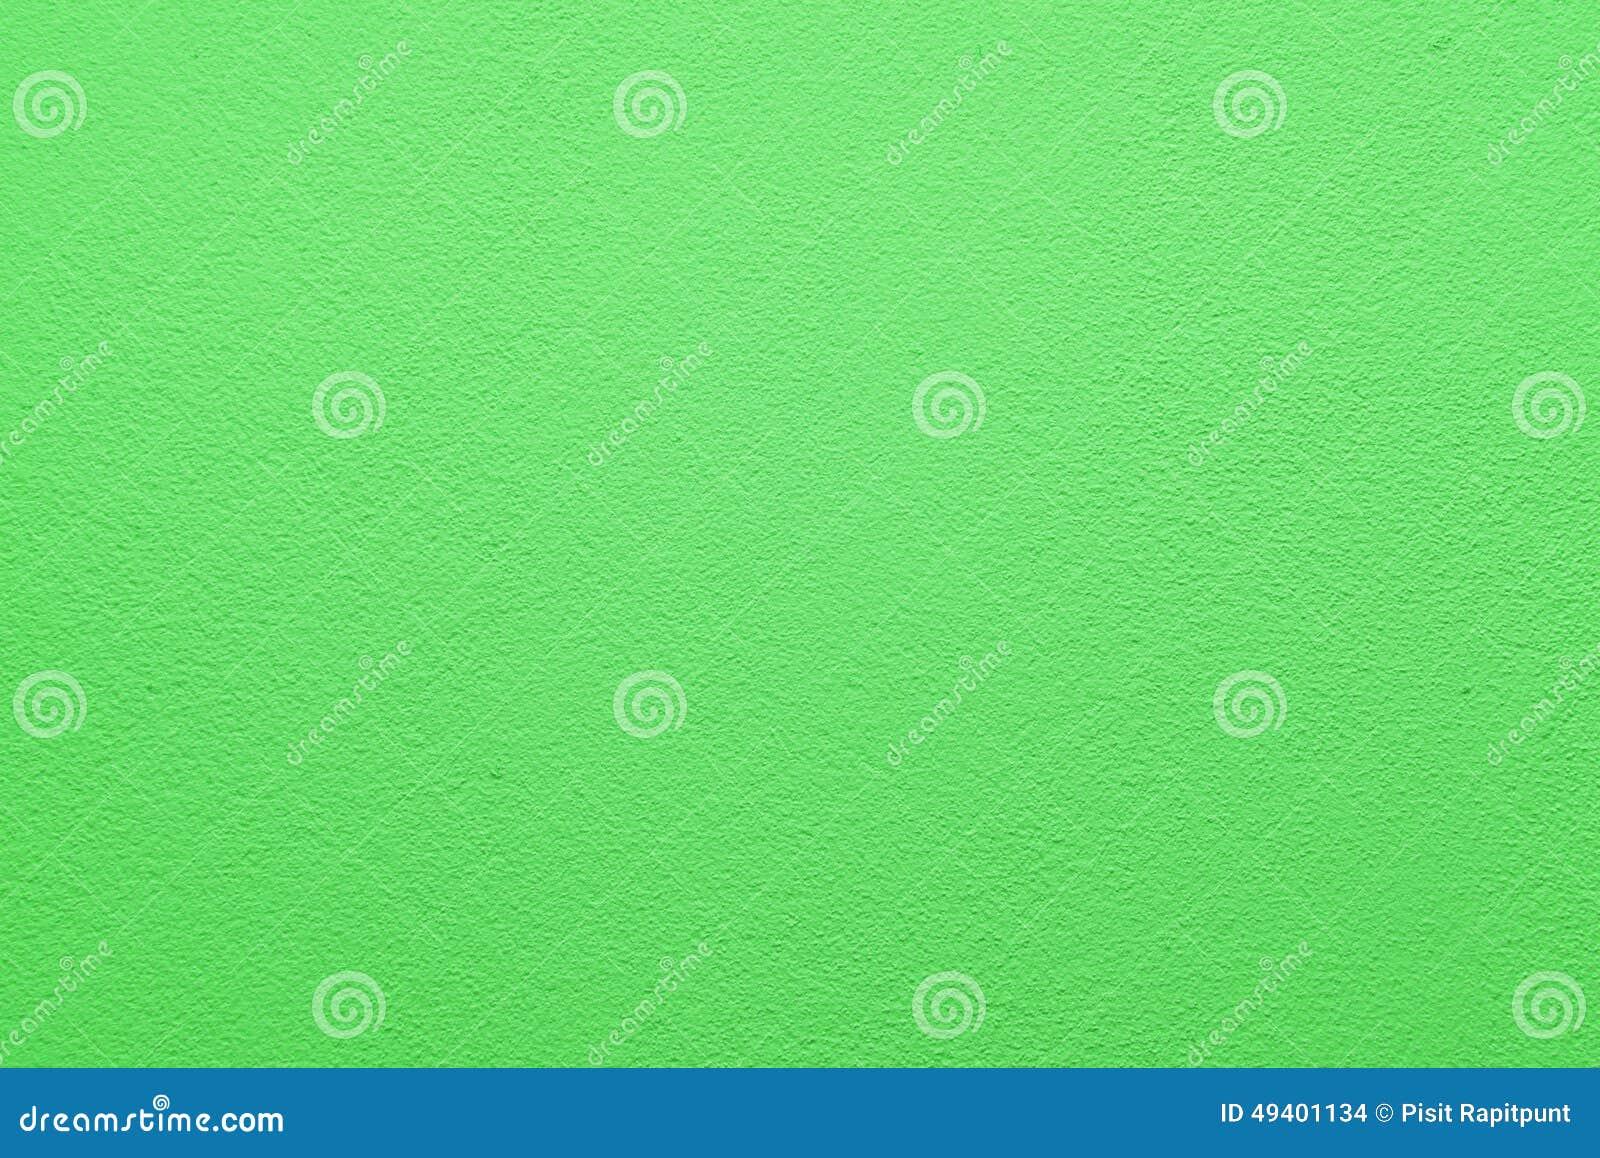 Download Zementputzwandhintergrund stockfoto. Bild von auslegung - 49401134